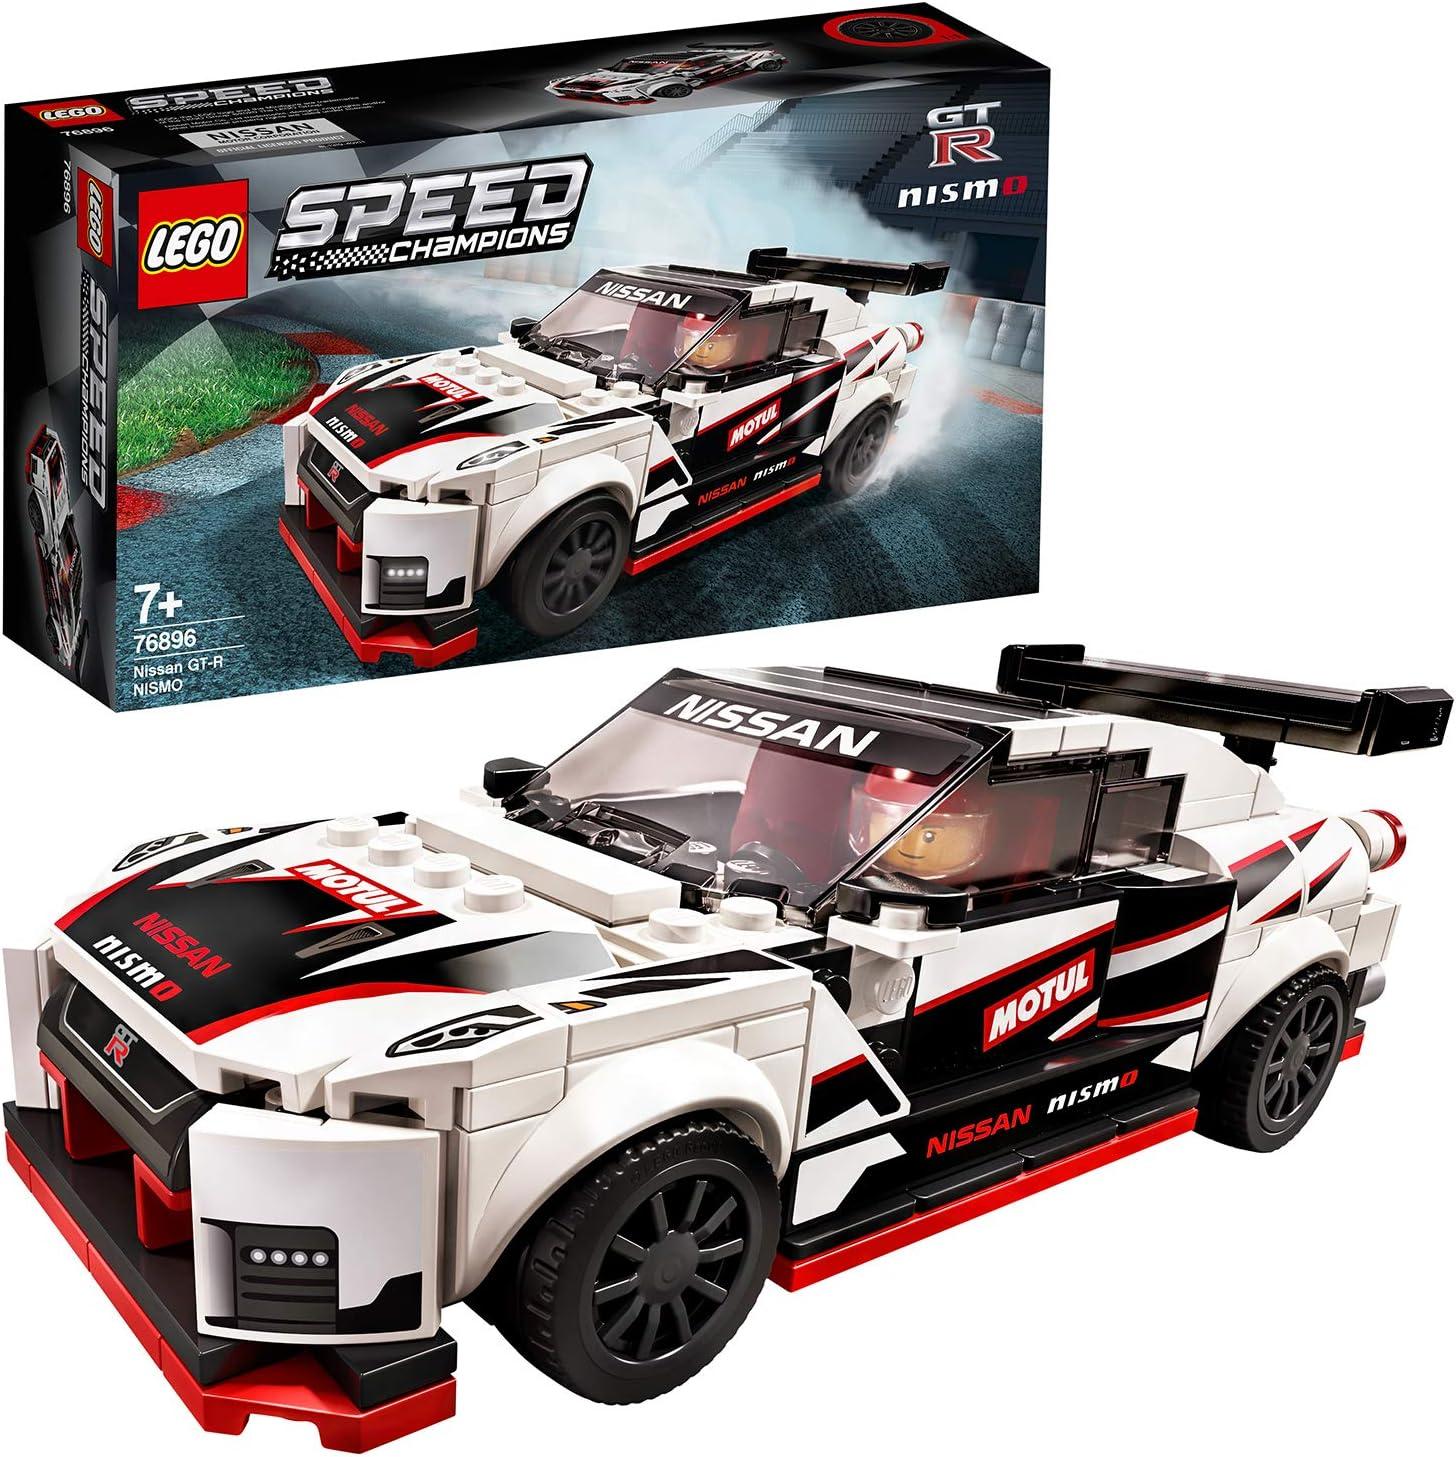 LEGO Speed Champions - Nissan GT-R NISMO, Juguete de Construcción de Coche de Carreras, Incluye Minifigura del Conductor (76896)